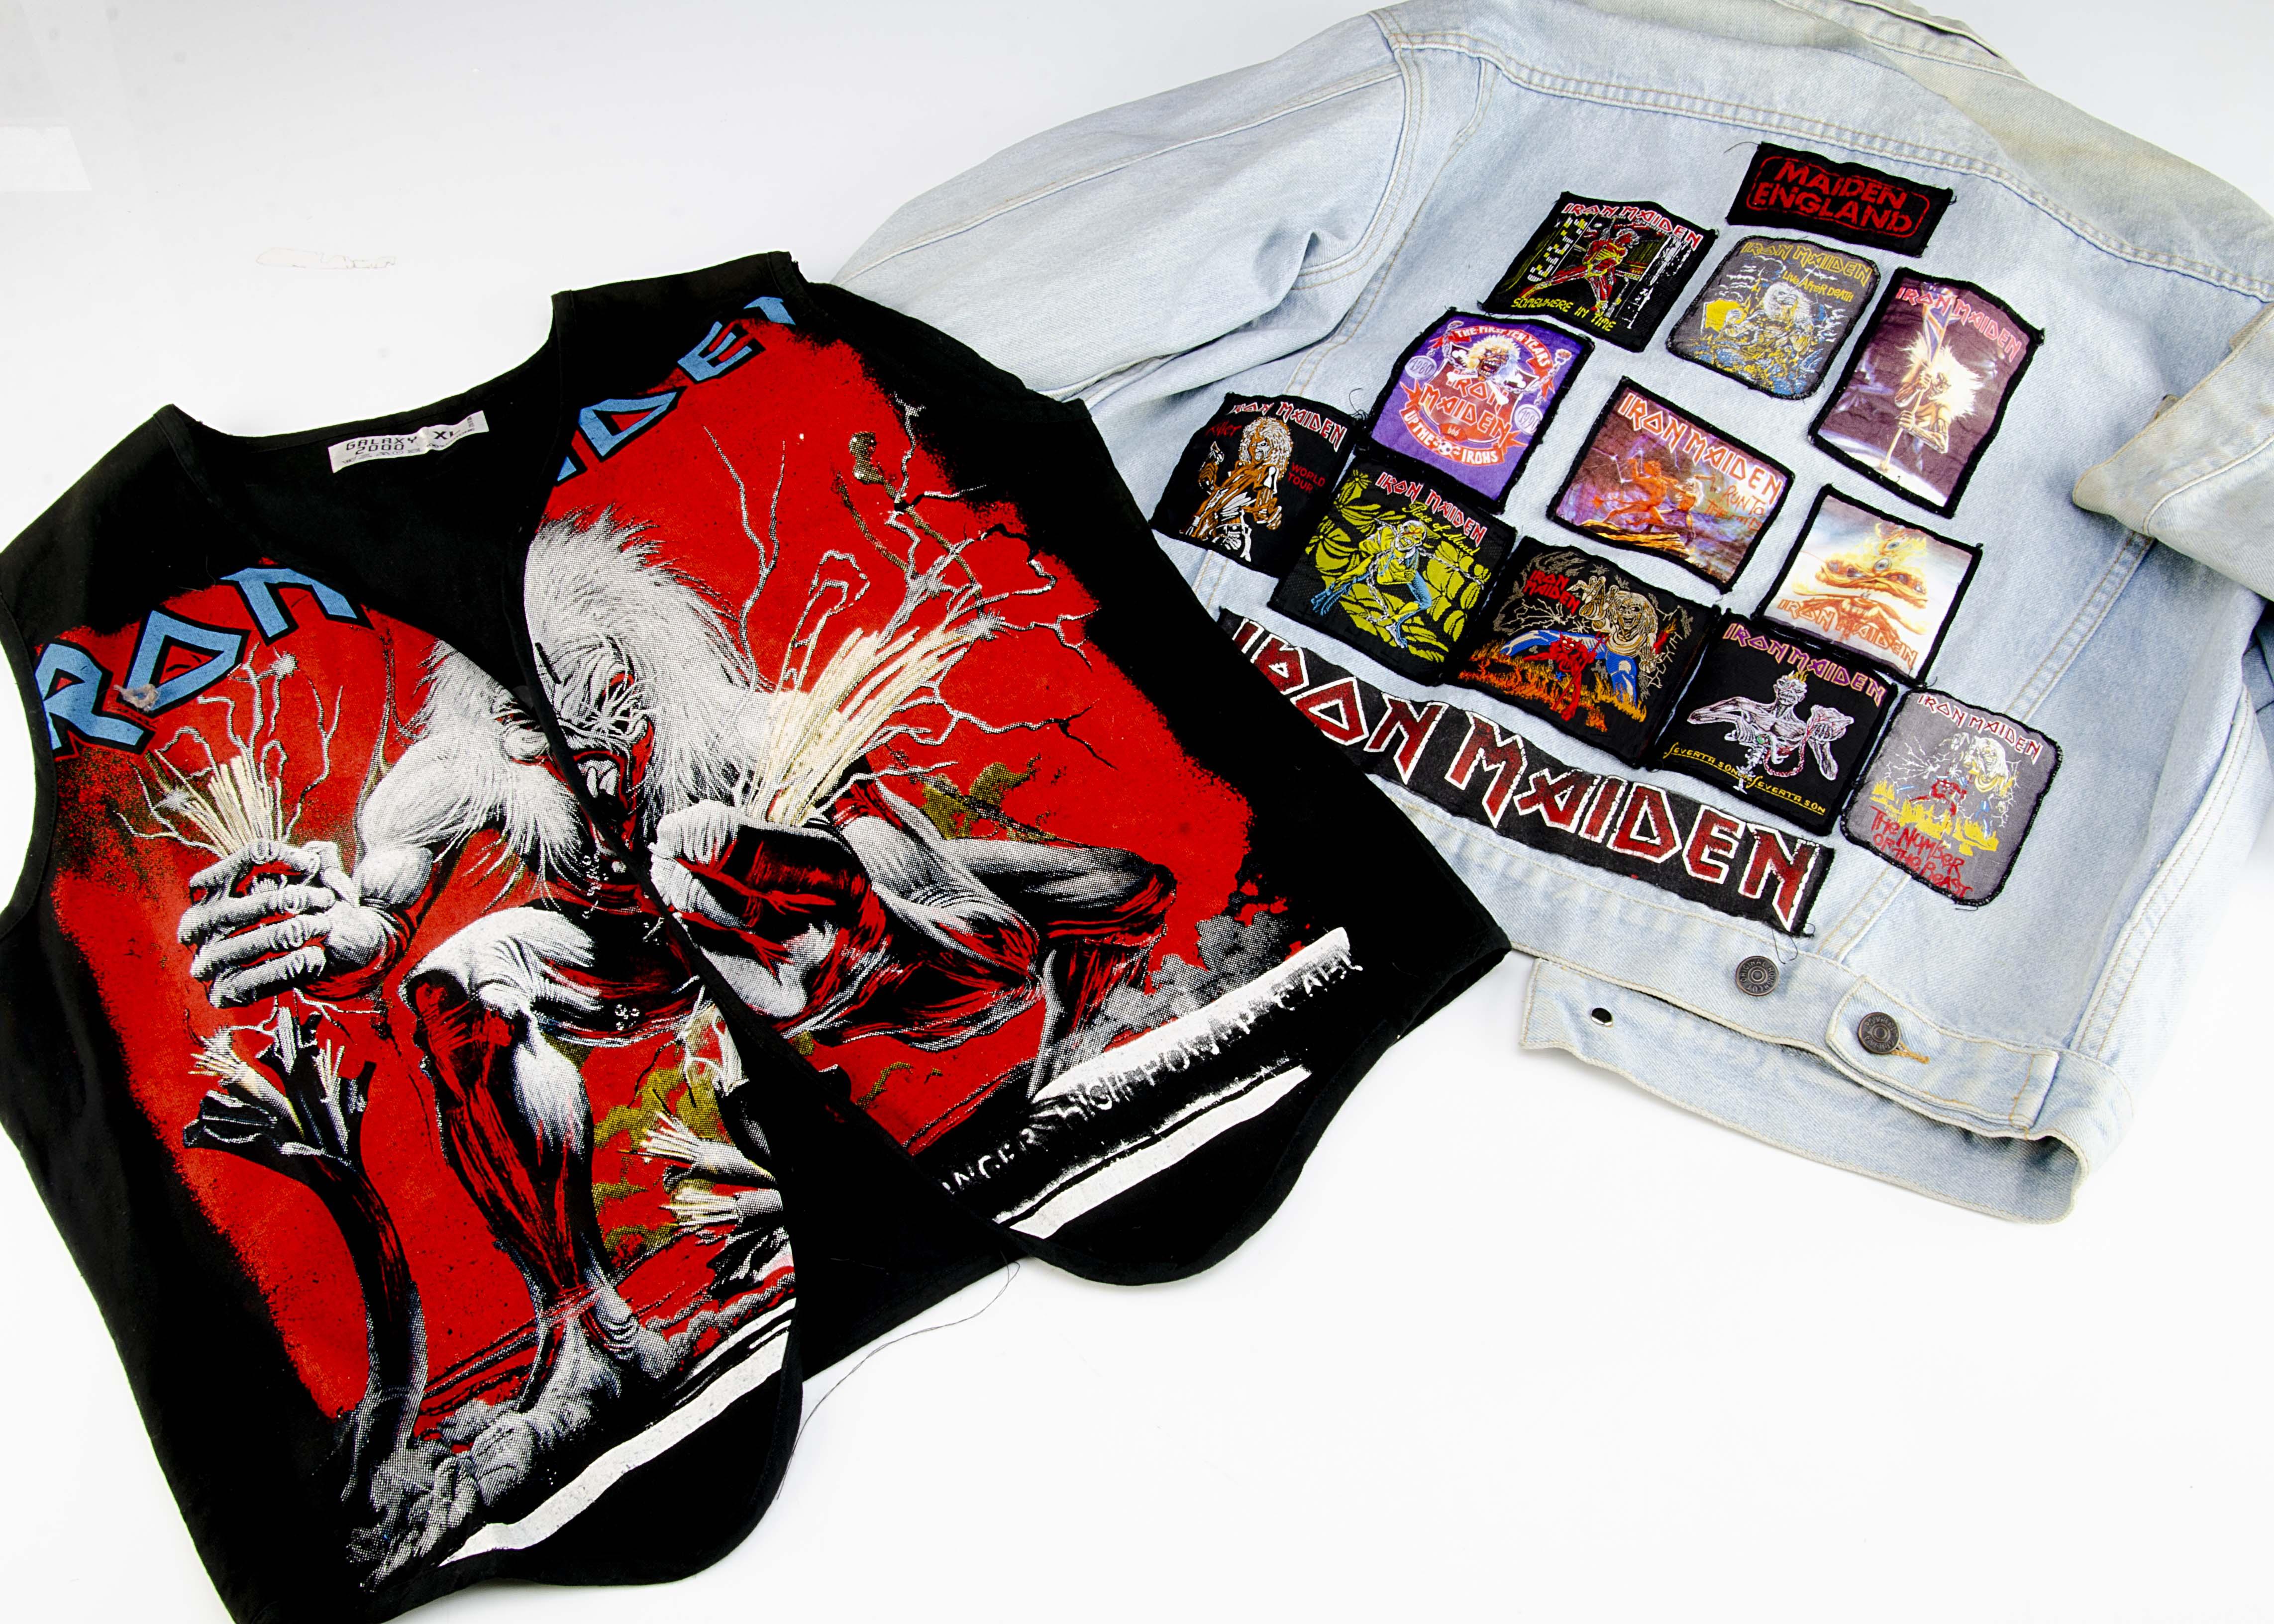 Iron Maiden Jean Jacket / Waistcoat, a Levi Style Jean Jacket with thirteen Iron Maiden badges